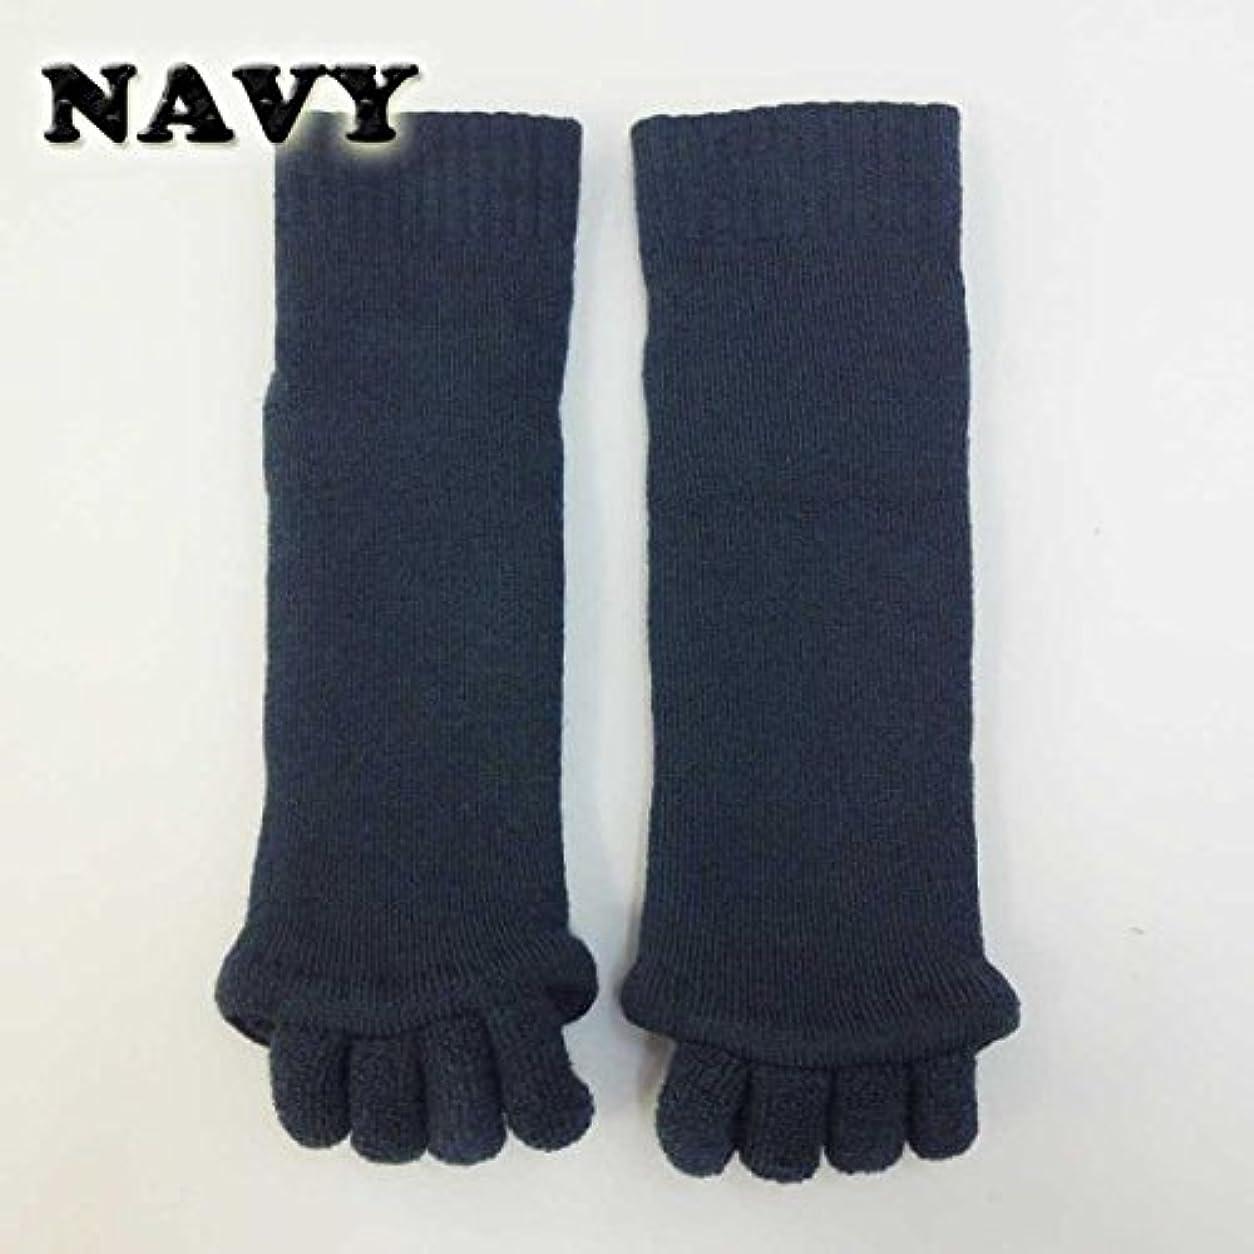 慰め驚くべき袋足指開きソックス (左右1組) 履くだけ 簡単 フットケア リラックス むくみ (ネイビー)